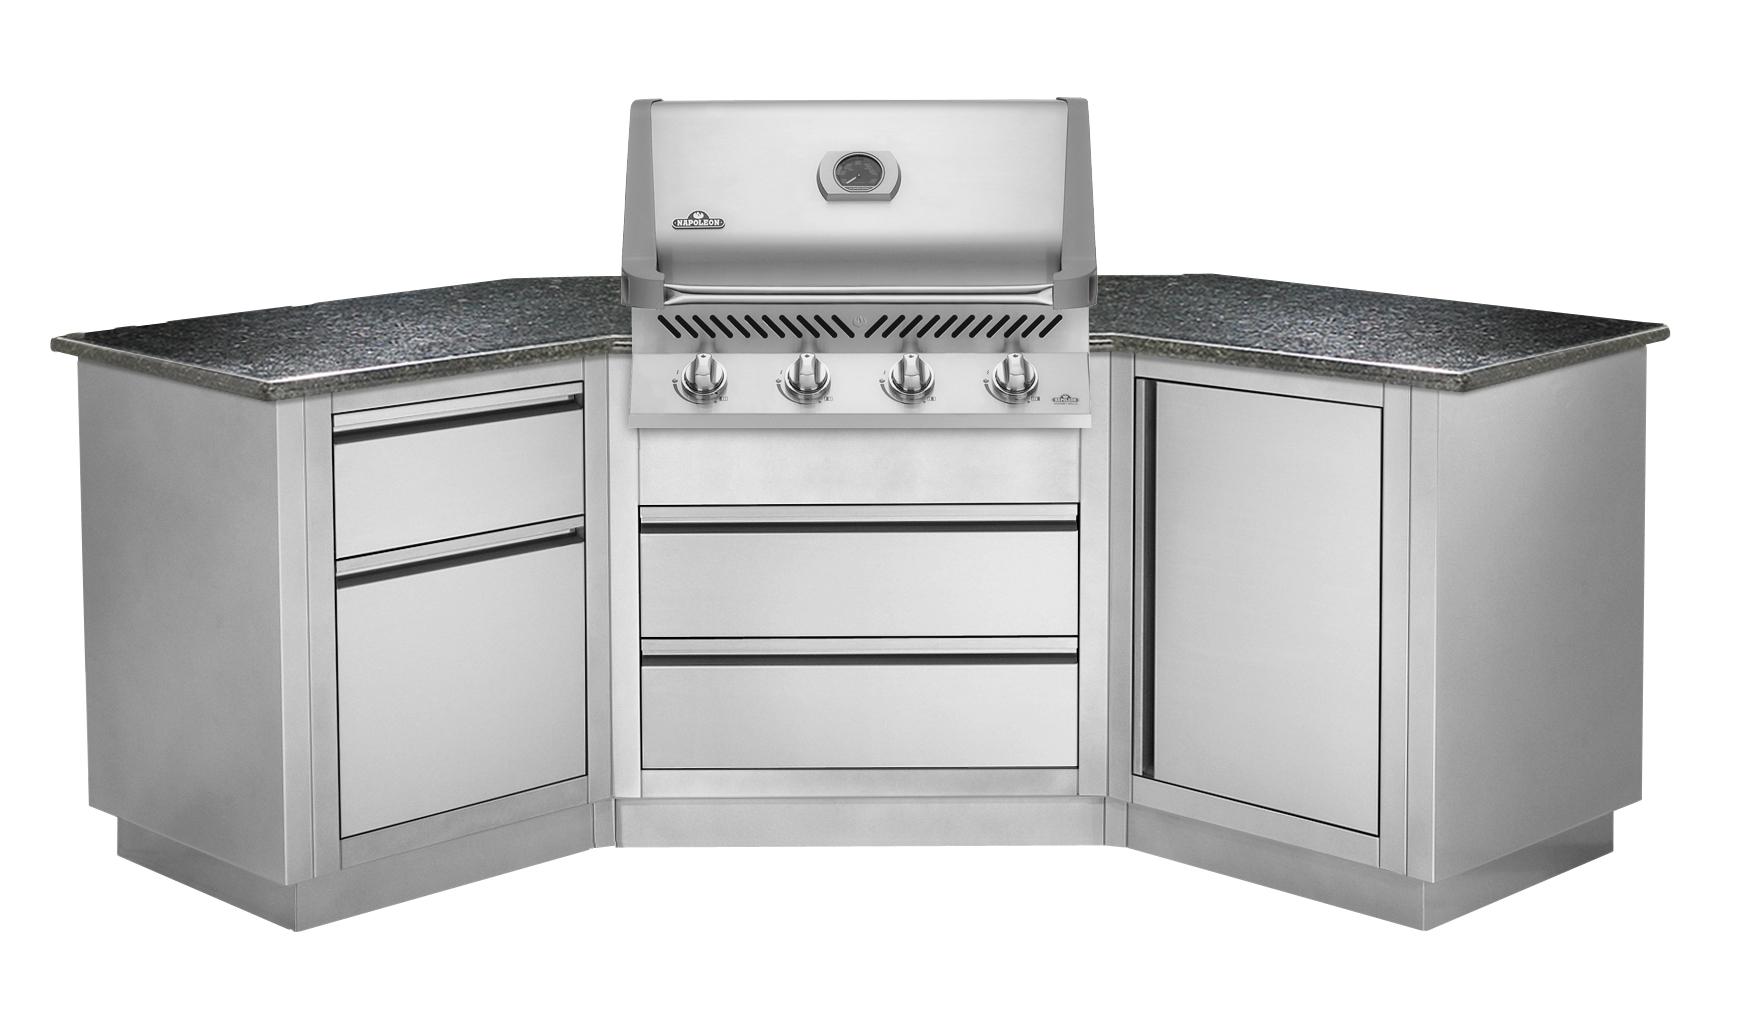 Gasgrill Für Outdoor Küche : Gasgrill in outdoor küche integrieren outdoorküche aus holz mit